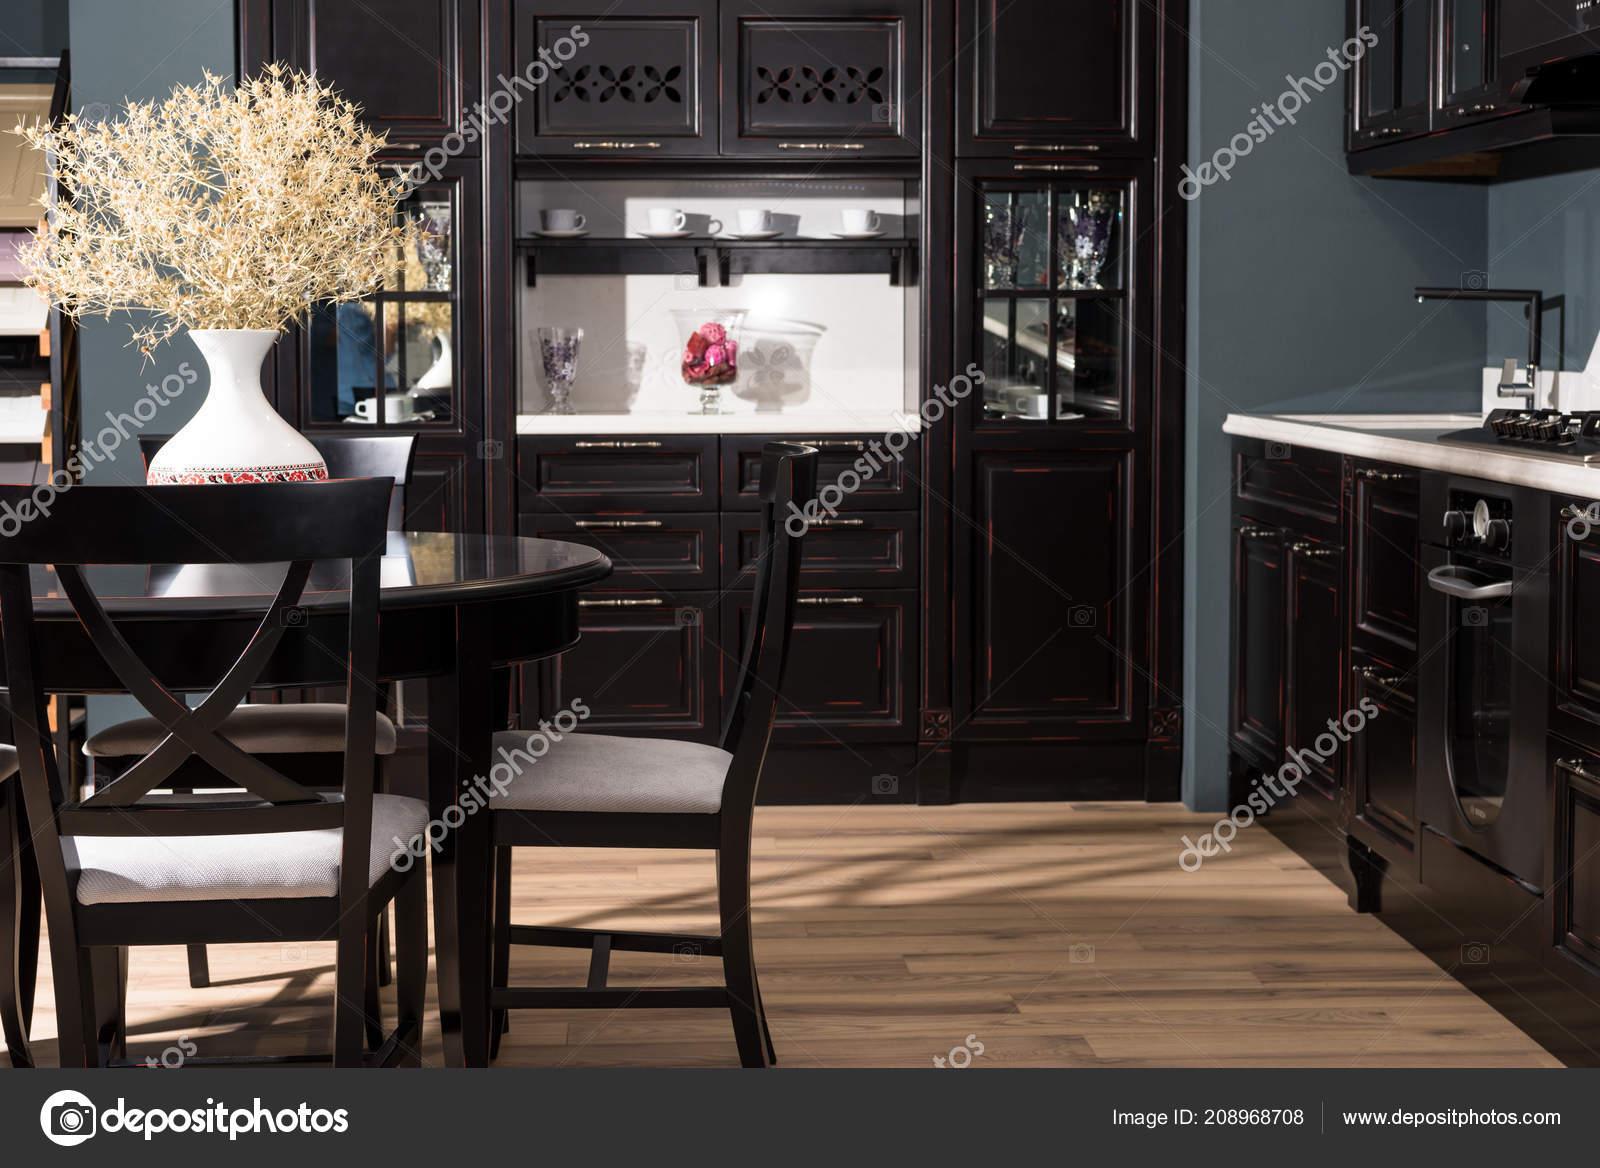 Mobili Della Sala Da Pranzo : Interno della sala pranzo moderna con mobili neri vaso fiori